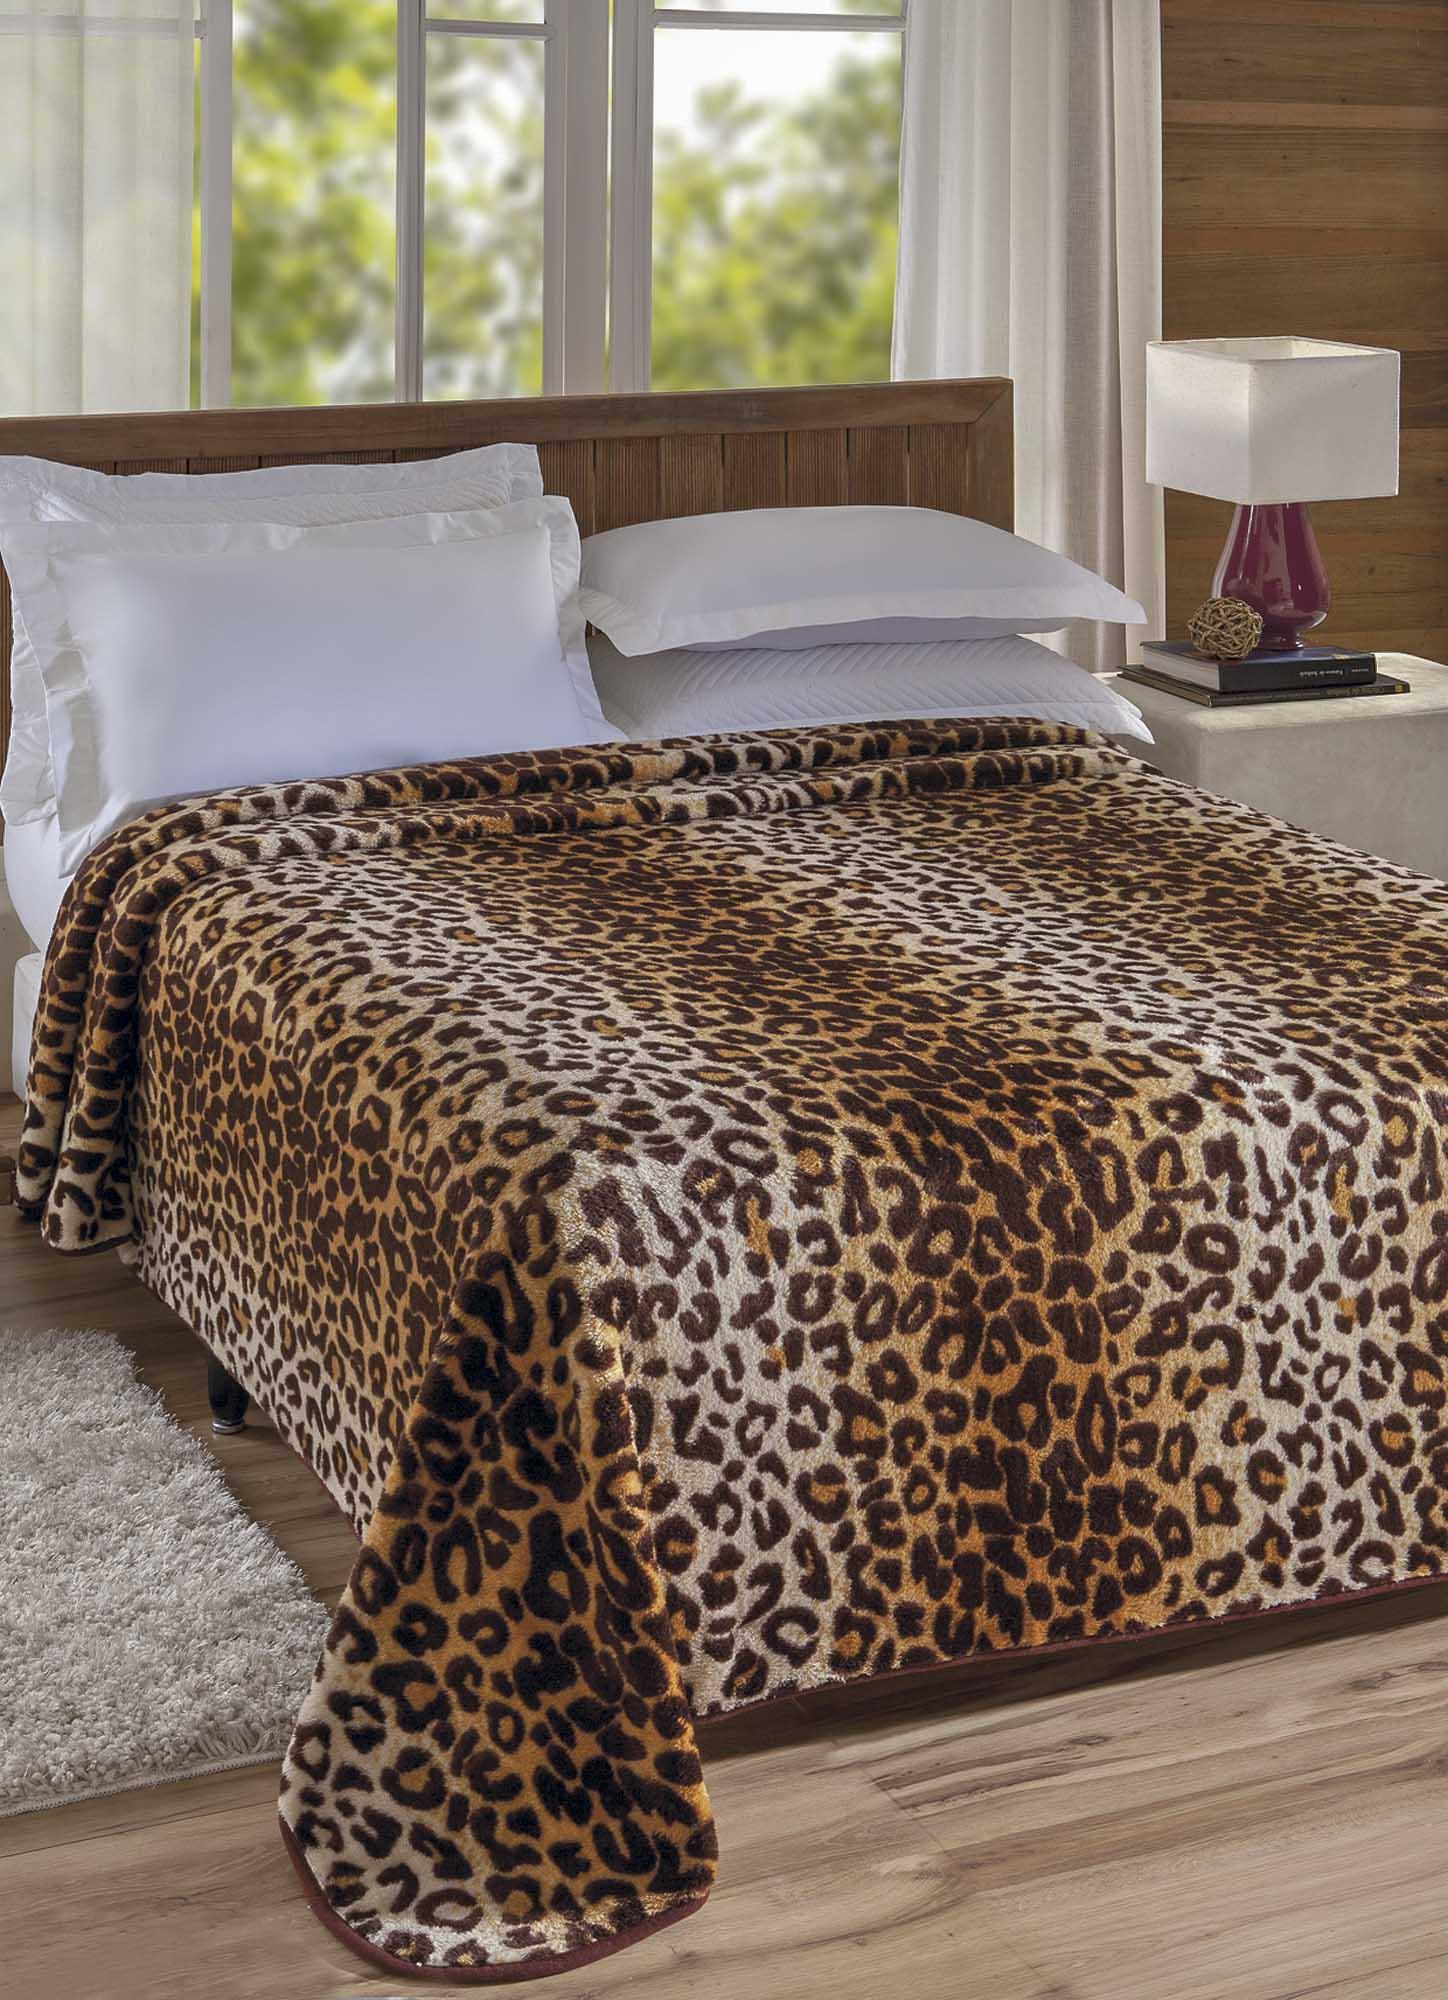 Cobertor Jolitex Casal Kyor Plus 1,80x2,20m Sudão